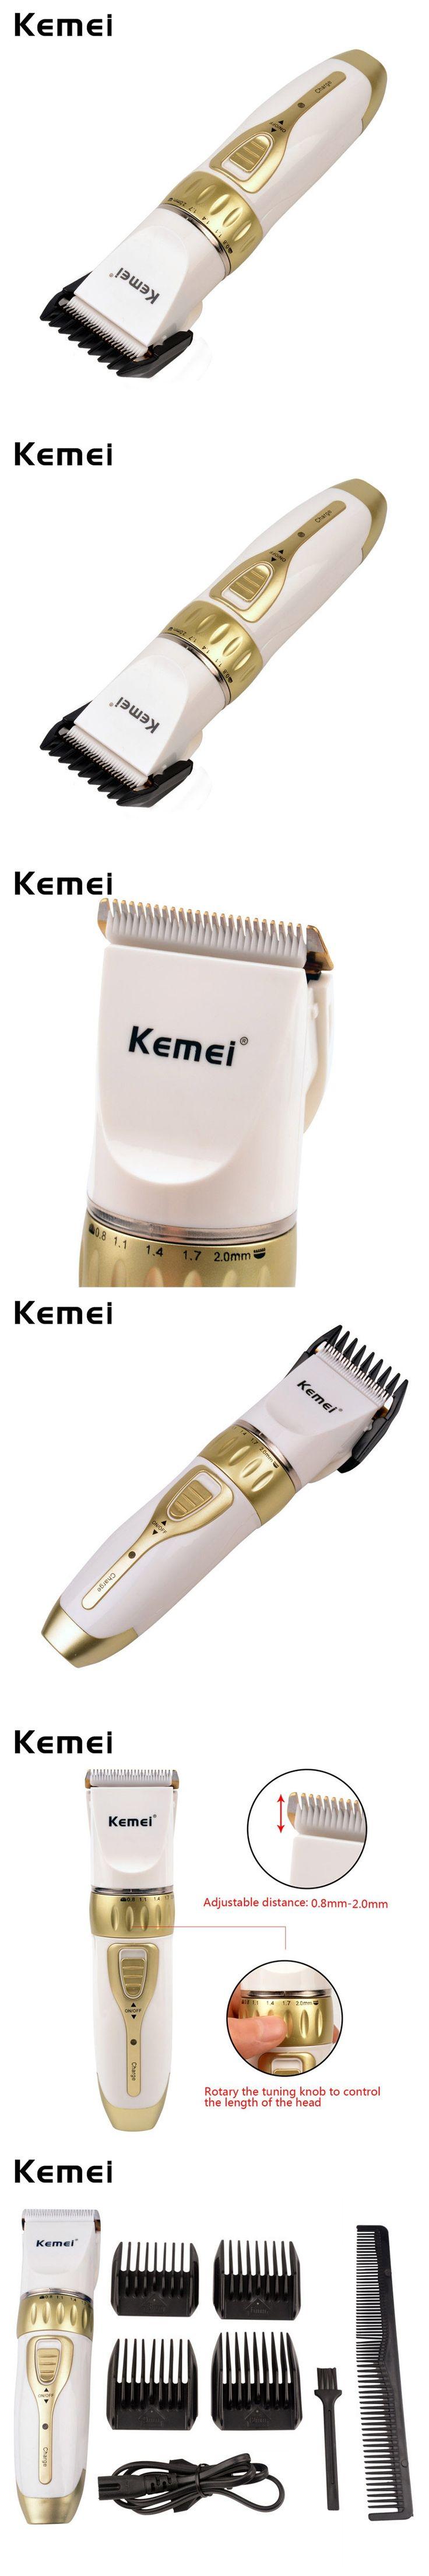 Kemei Hair Clipper Haircut Machine Hair Cutting Machine Electric Hair Trimmer Cutter Professional for Men/Family Haircut -P00